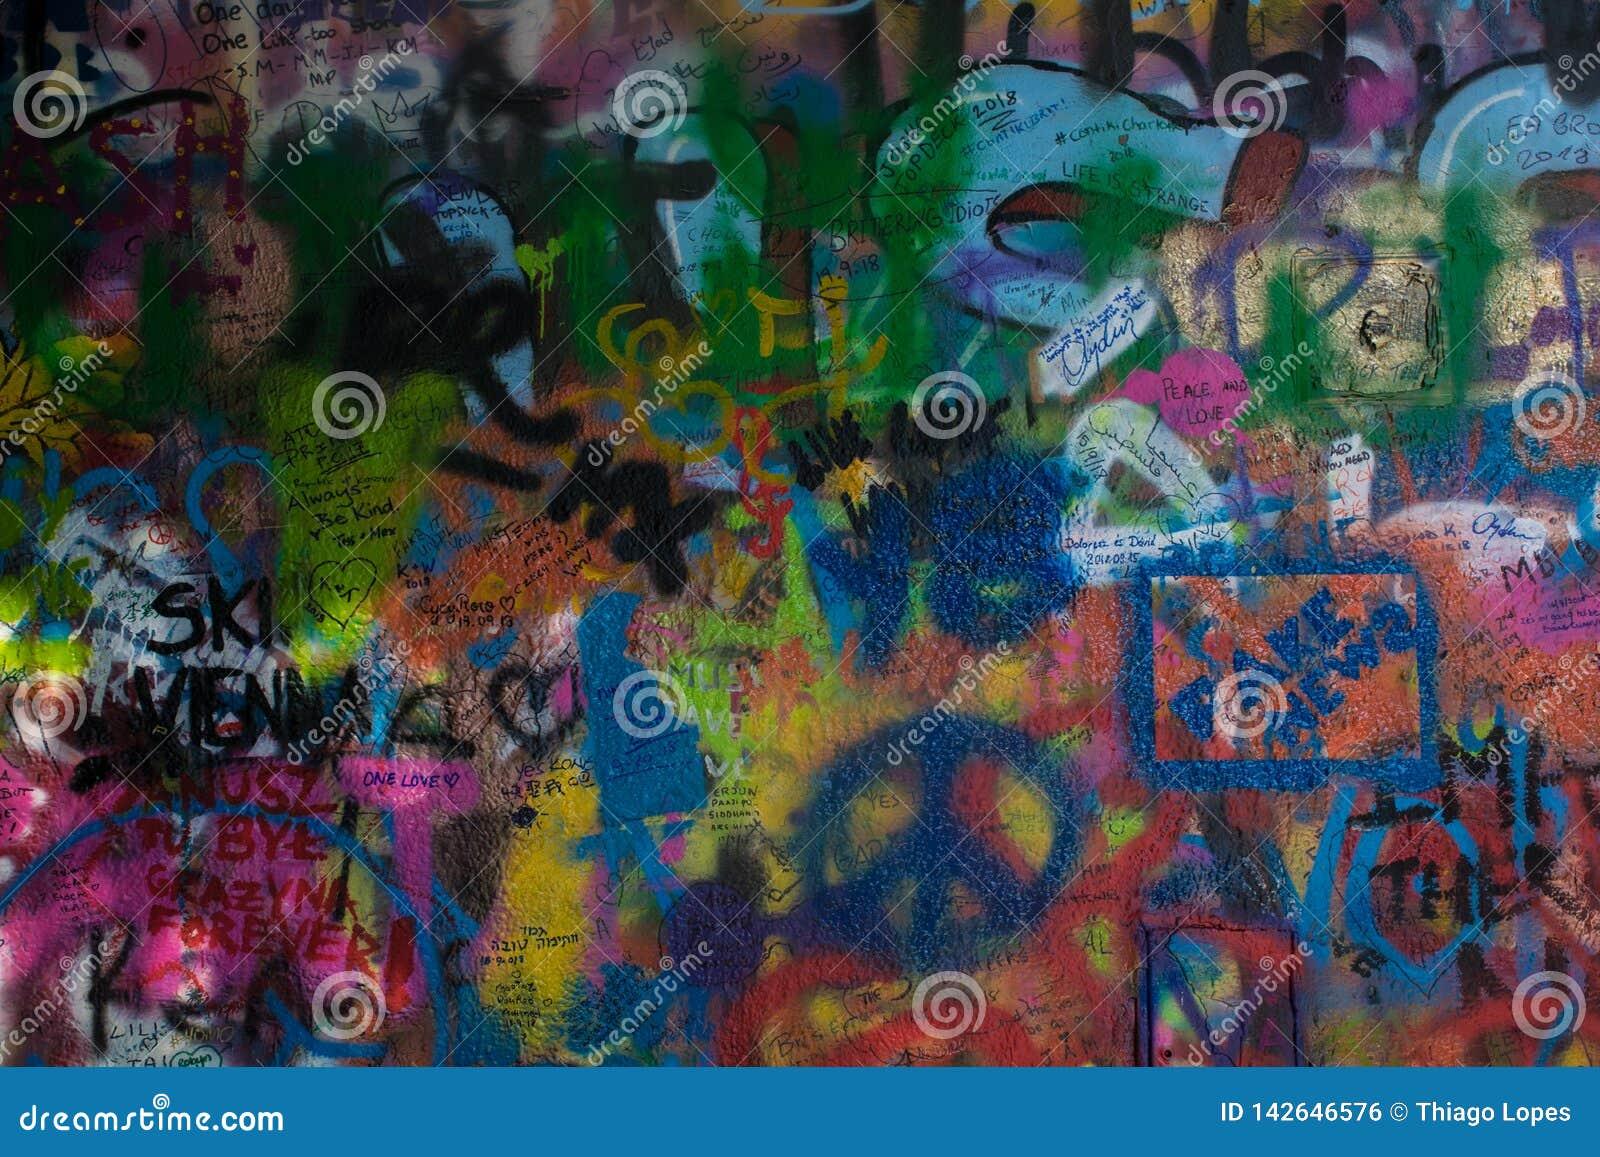 Colorfull-Graffitibeschaffenheit von John Lennon-Wand in Tschechischer Republik Prags